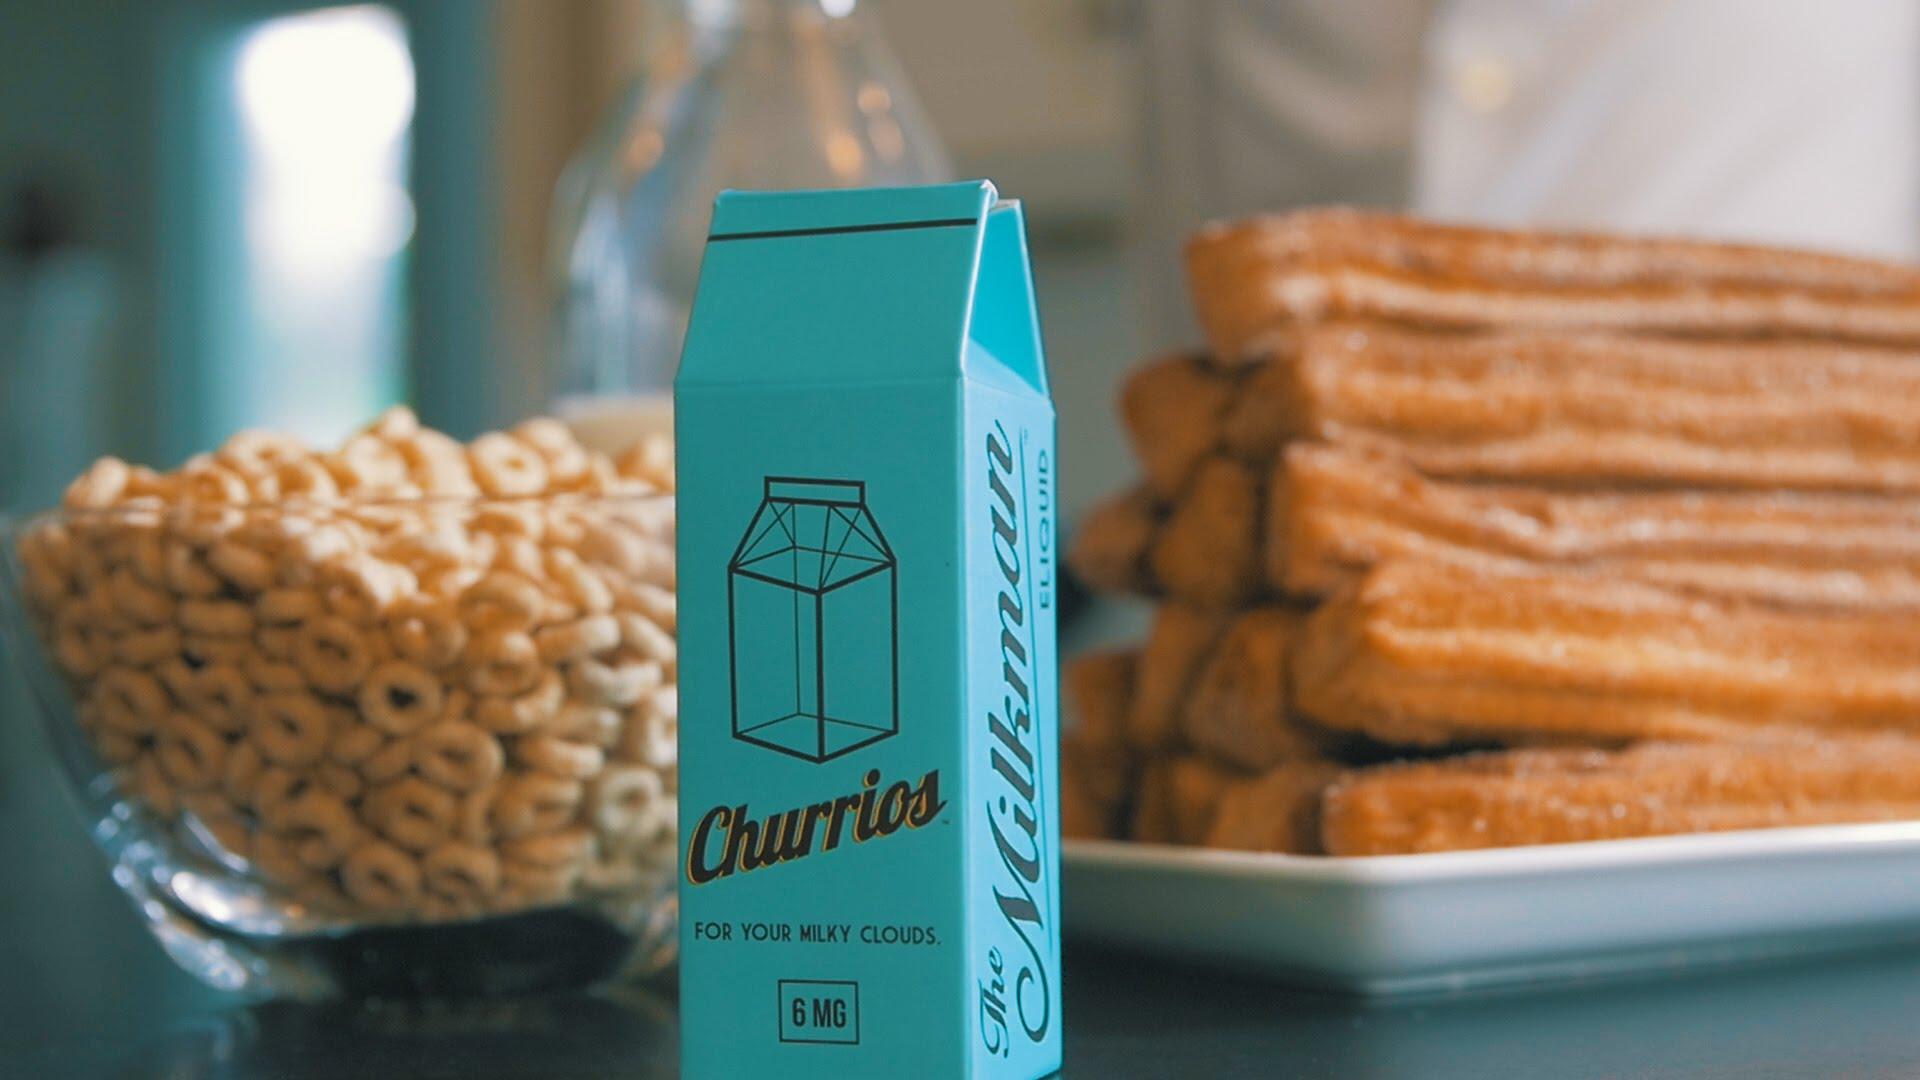 Liquido Churrios - The MilkMan eLiquid